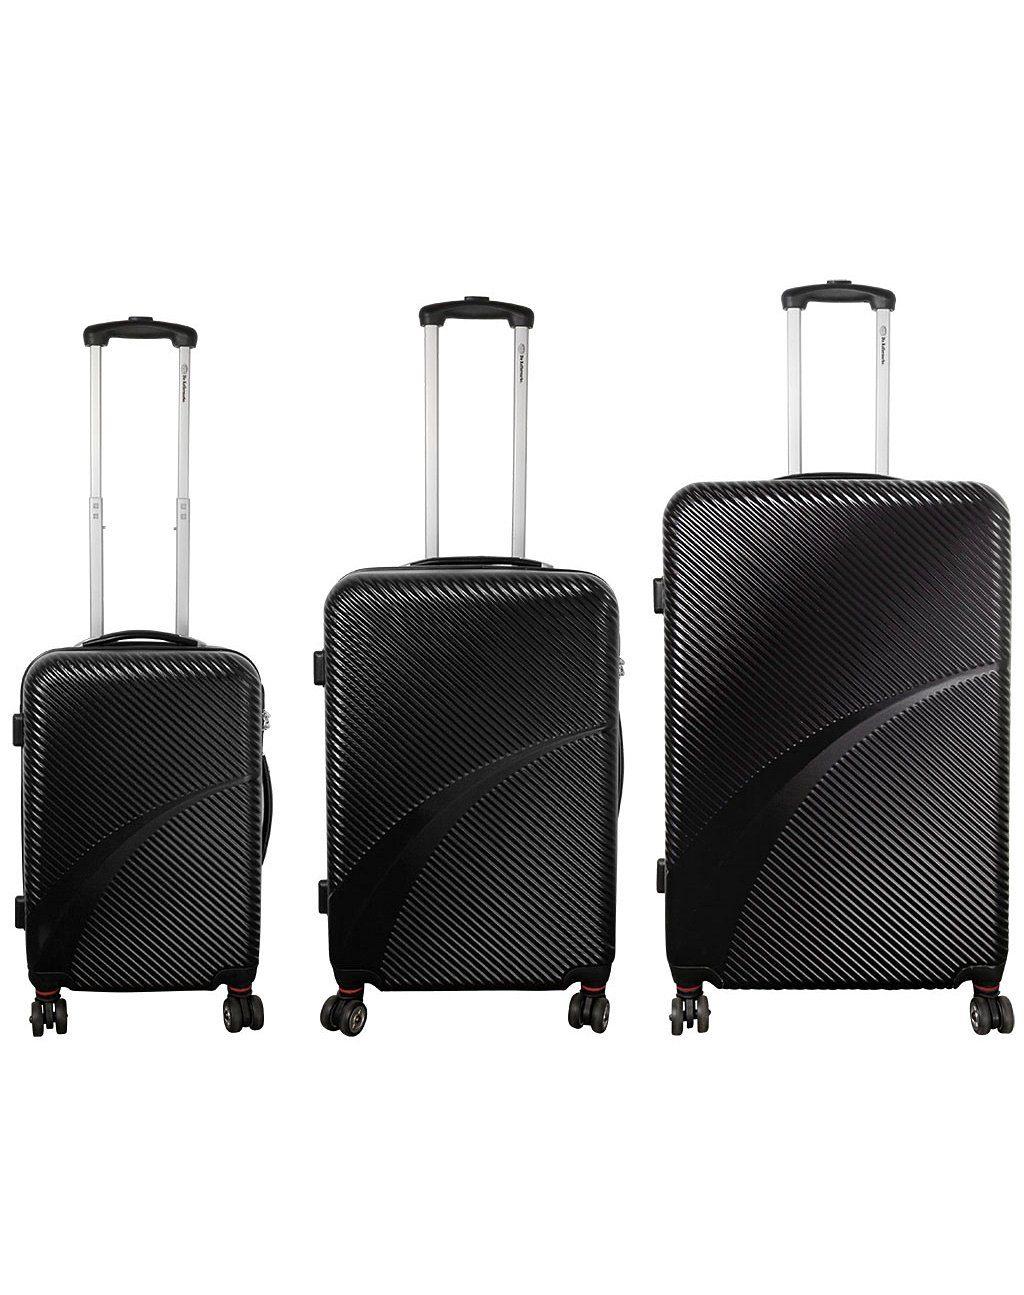 MONOPOL® Hartschalentrolley-Set mit 4 Doppelrollen, »Aruba« (3-tlg.)